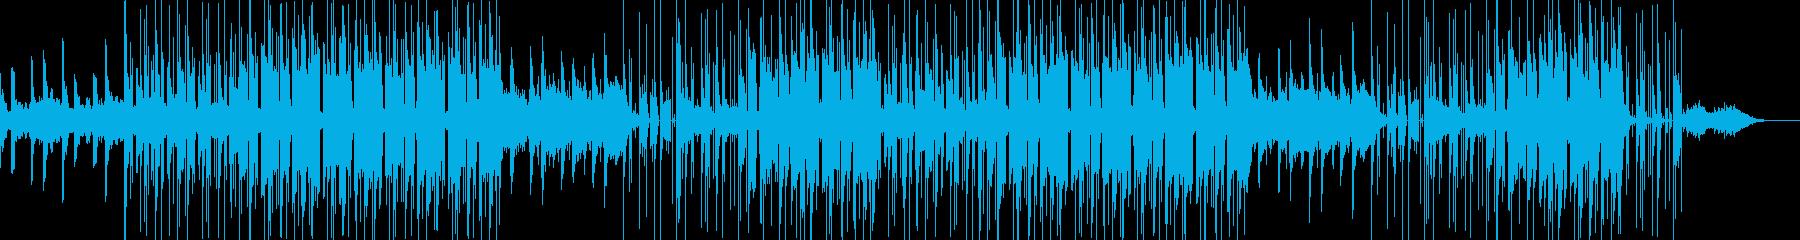 冷たく冴えわたったチル・トラップの再生済みの波形